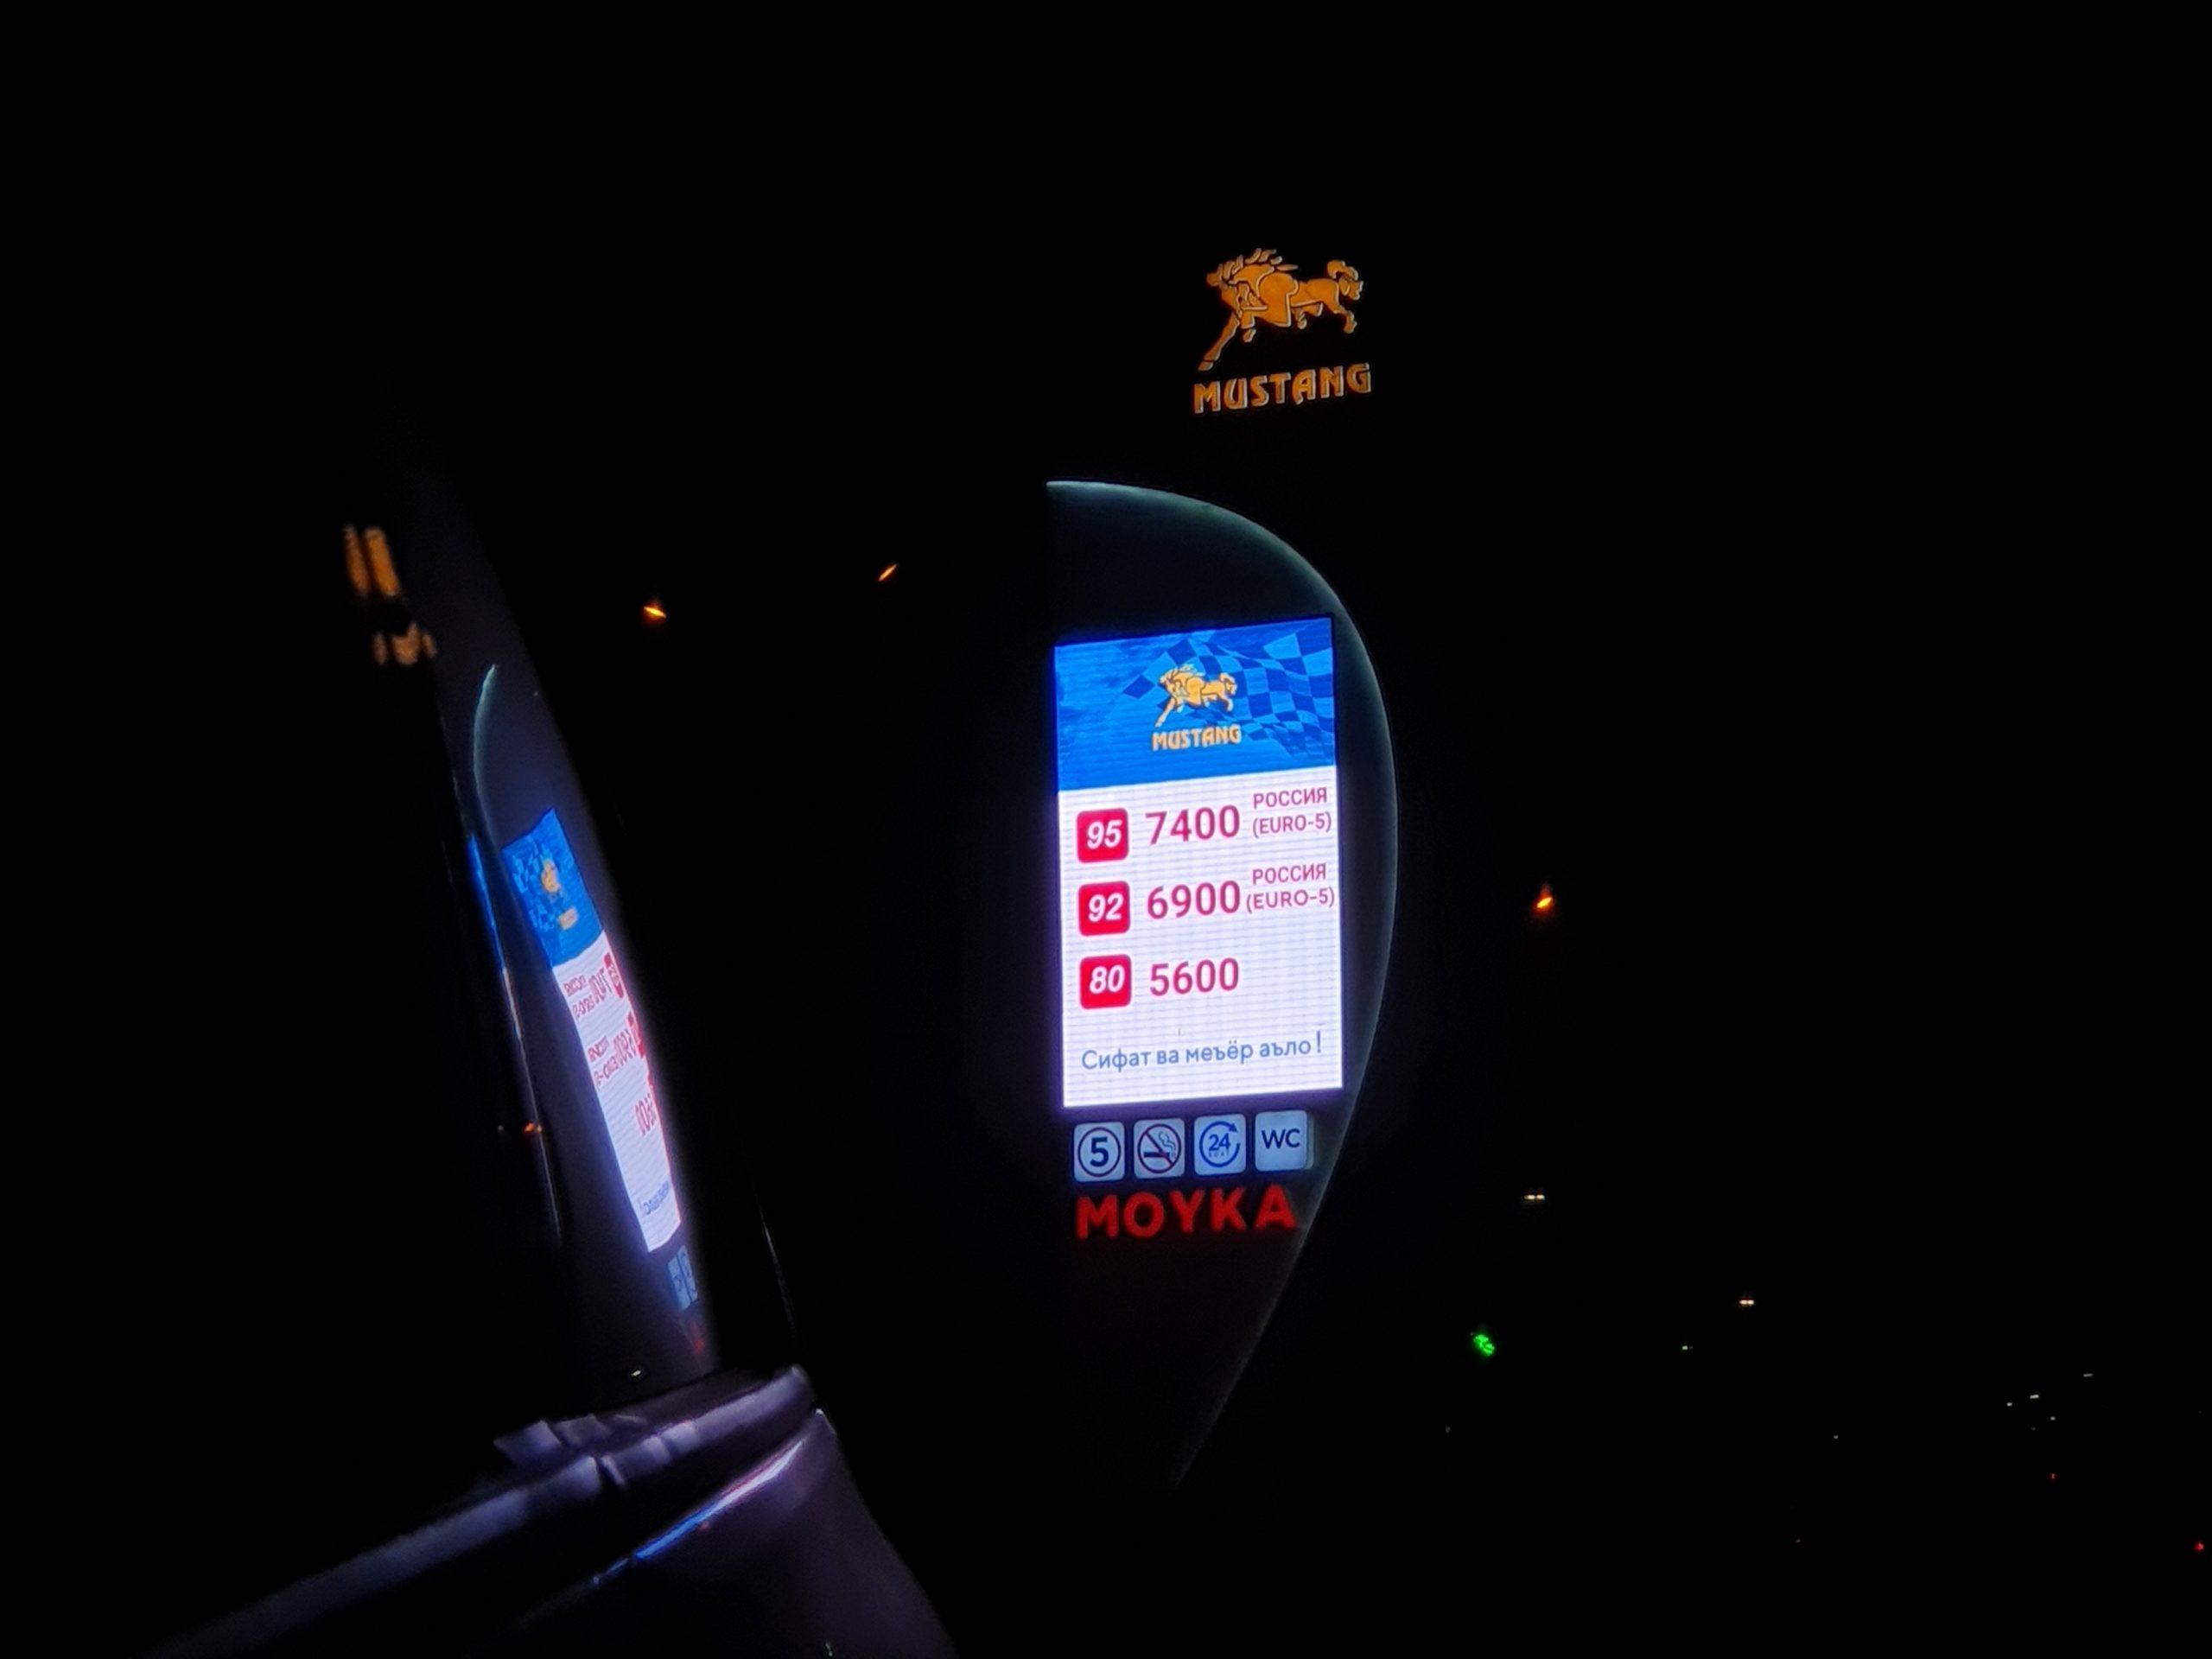 Цены на бензин за АЗС Mustang в Ташкенте